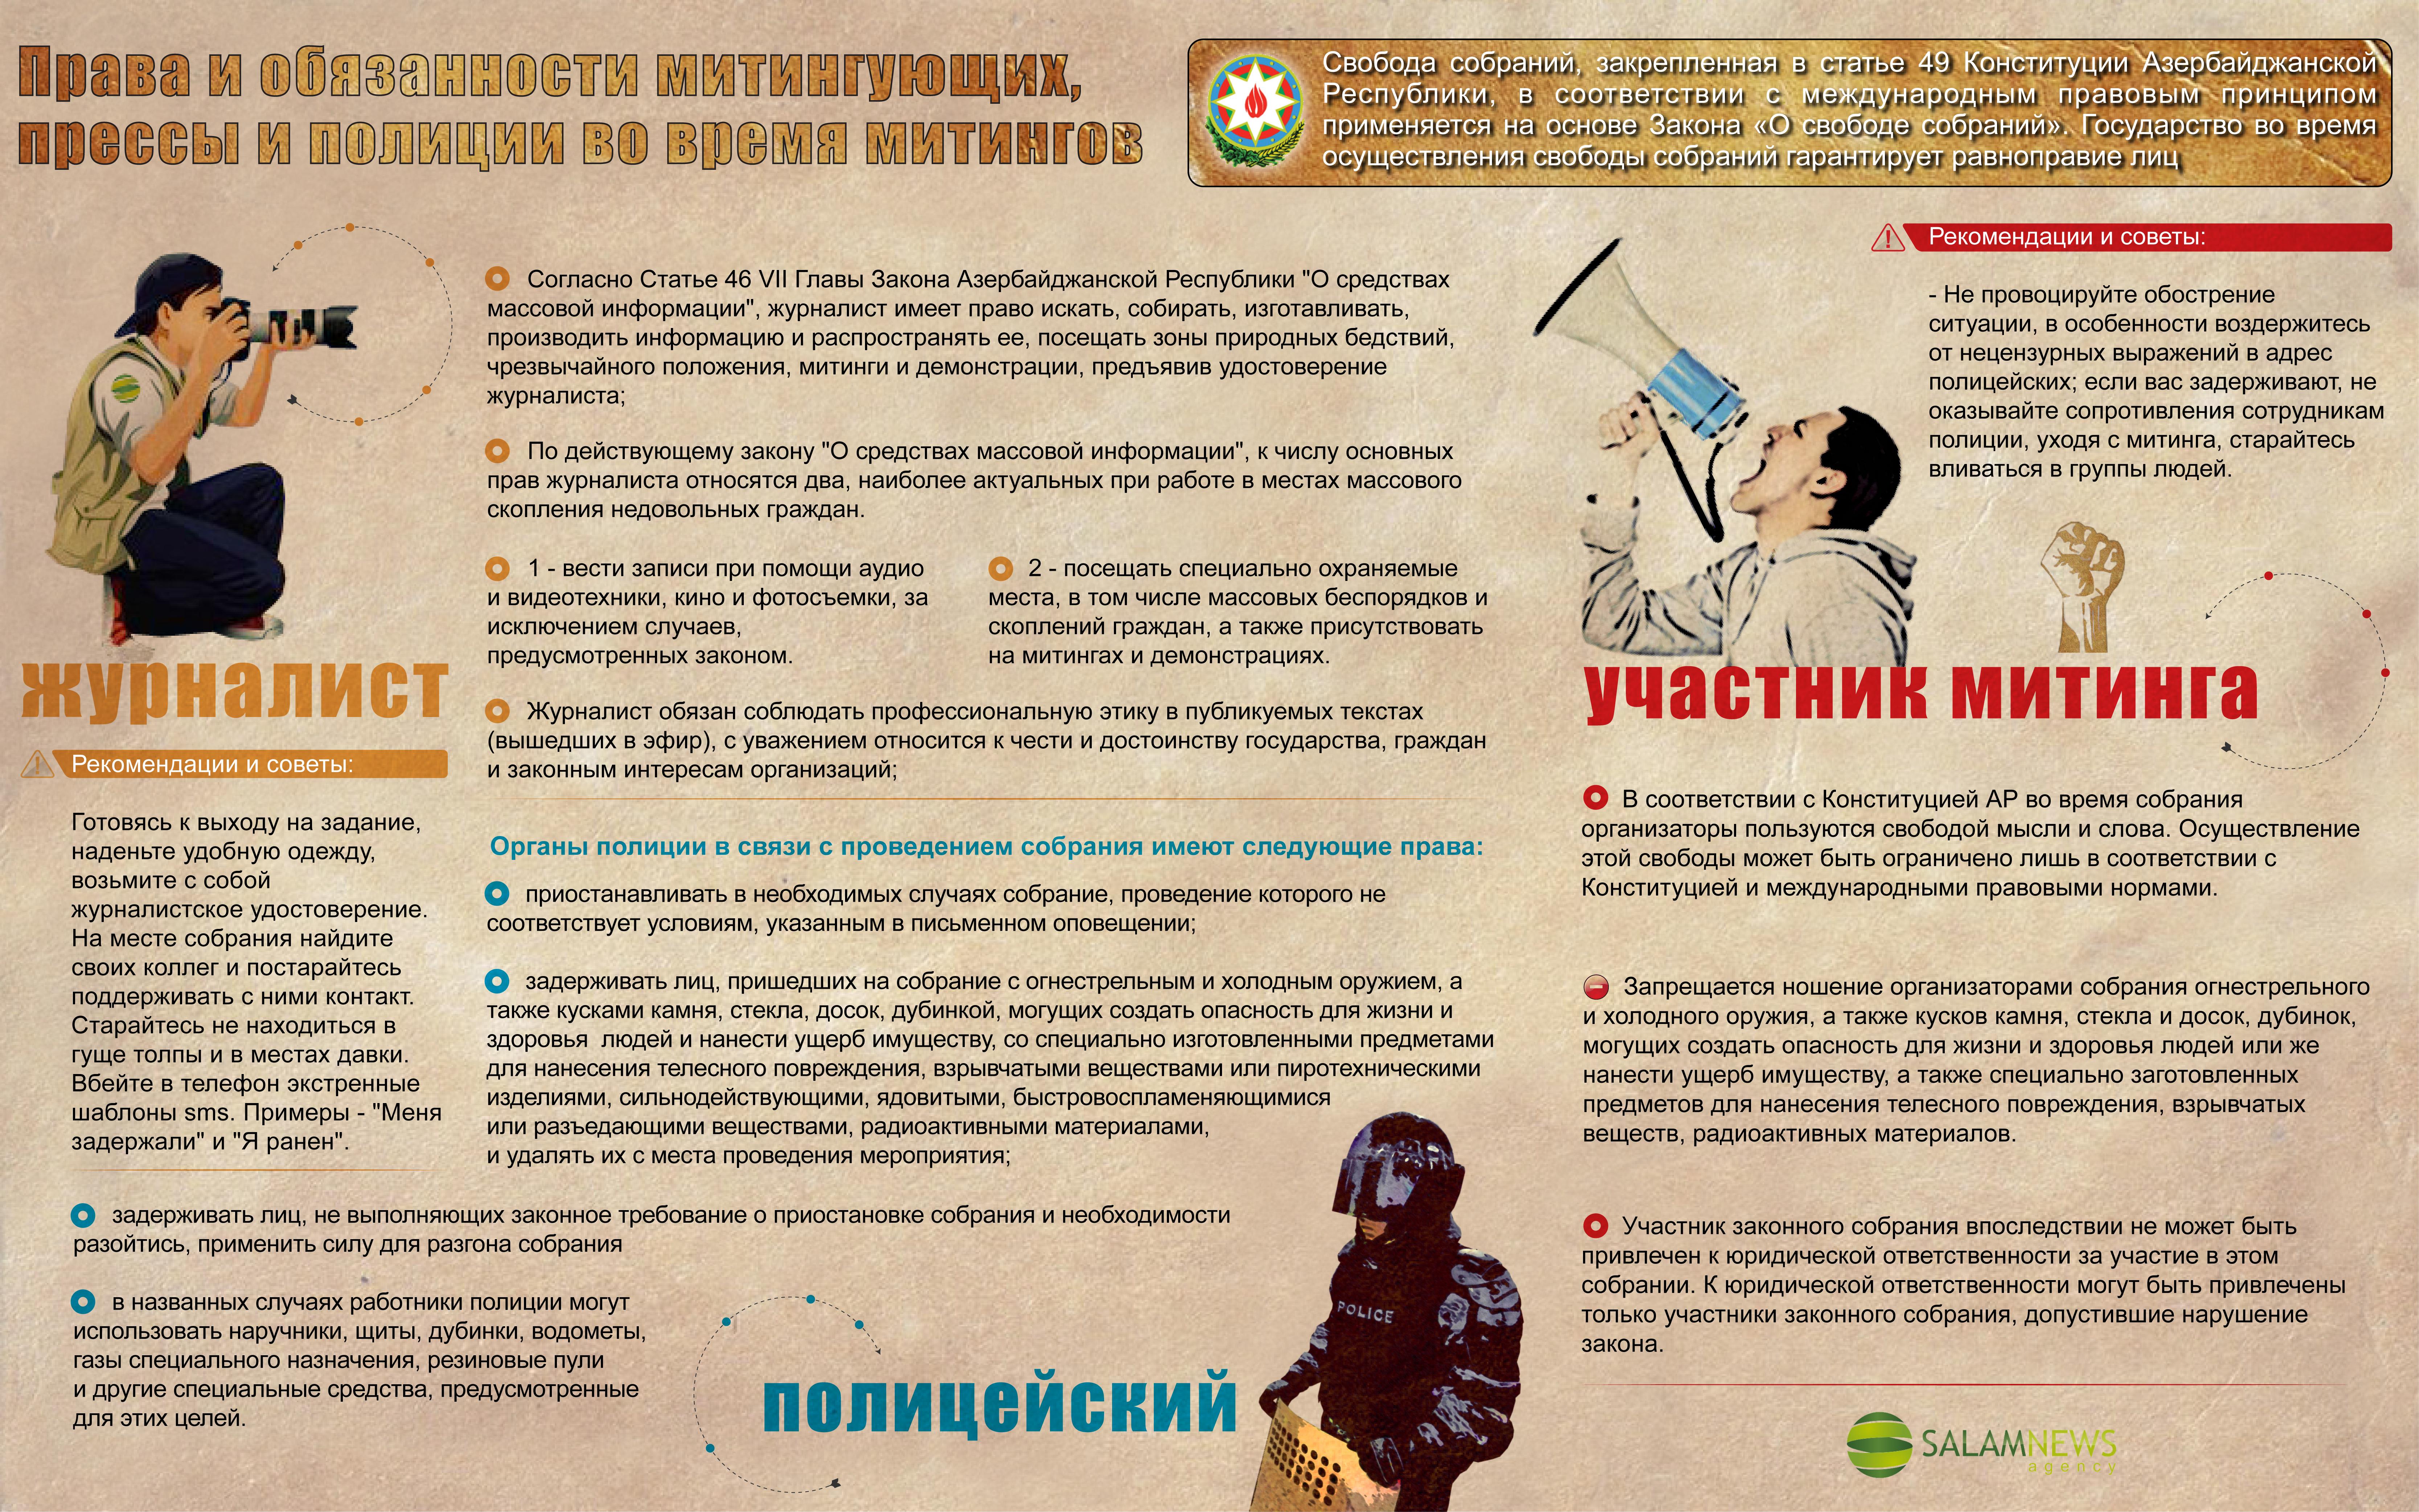 Права и обязанности митингующих, прессы и полиции во время митингов